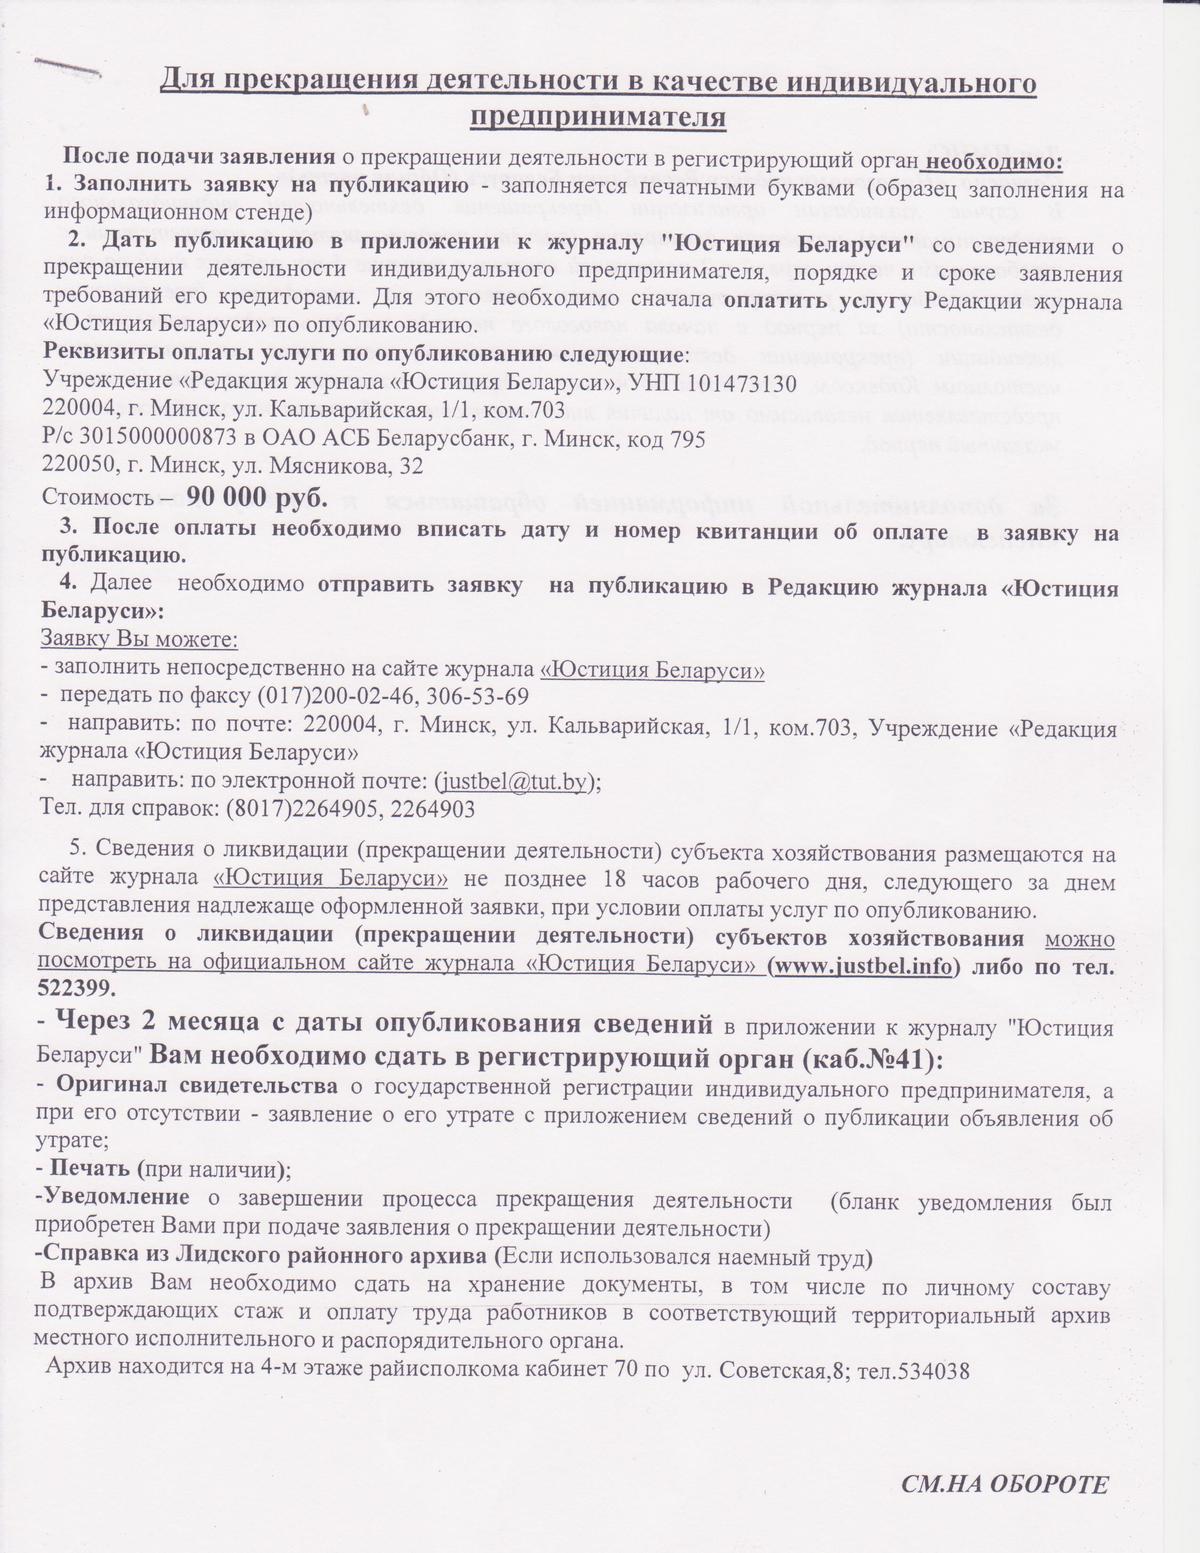 Заявление о прекращении деятельности индивидуального предпринимателя